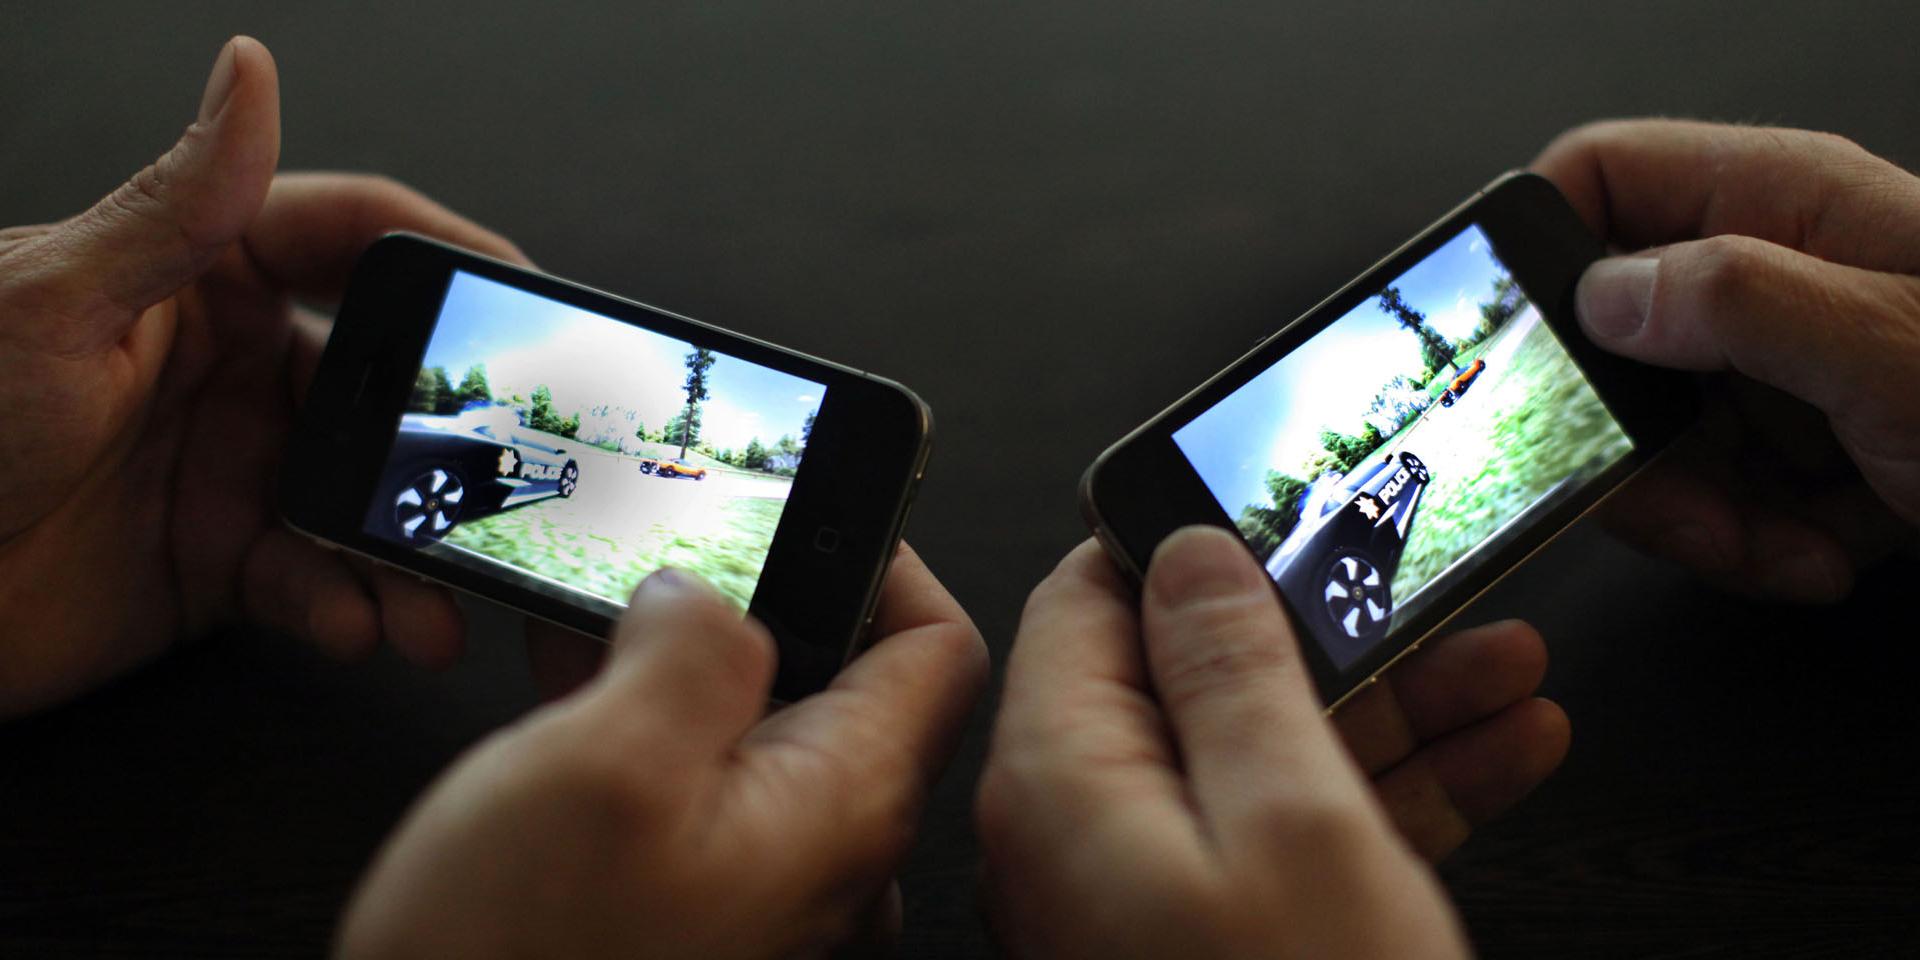 MMO-индустрия: Все хотят делать мобильные MMO, но никто толком не хочет в них играть